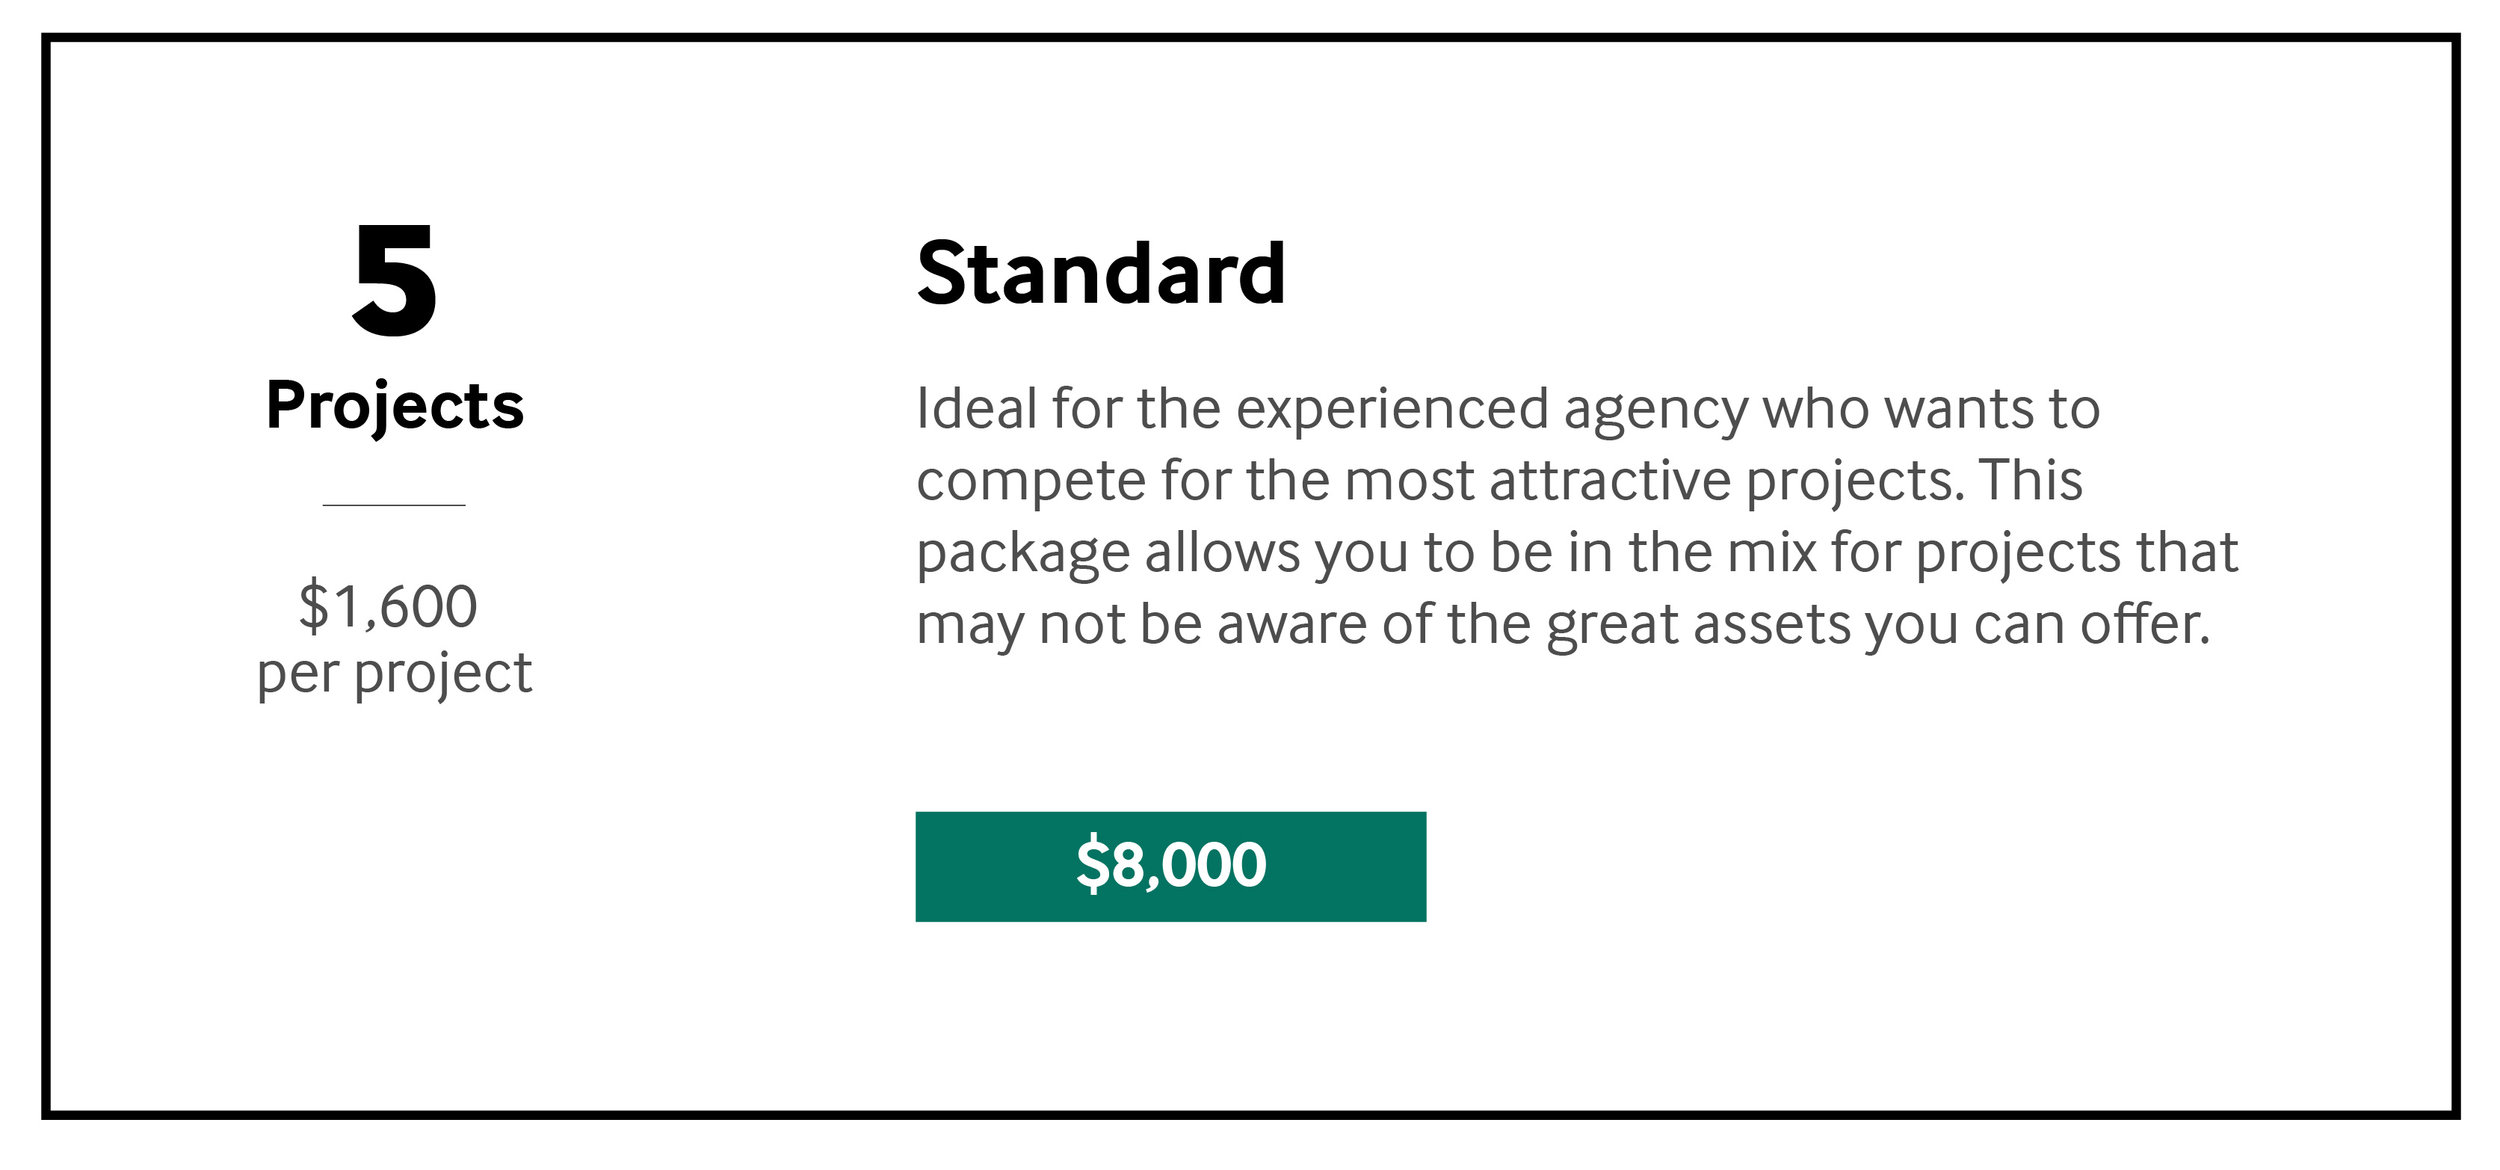 Standard Package NEW.jpg